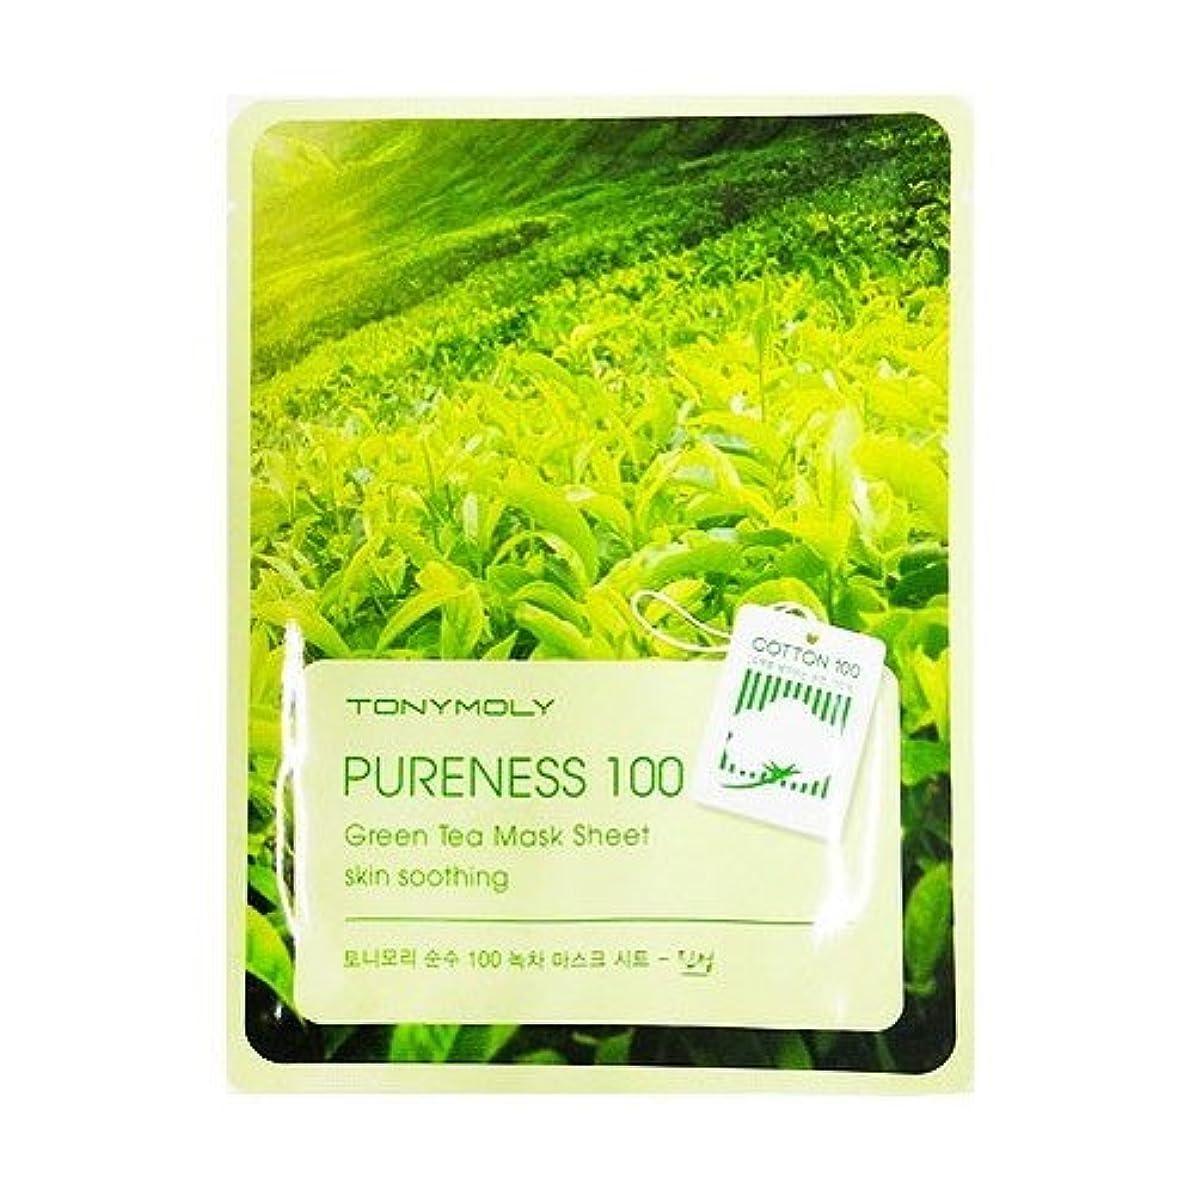 市民権請求登る(6 Pack) TONYMOLY Pureness 100 Green Tea Mask Sheet Skin Soothing (並行輸入品)